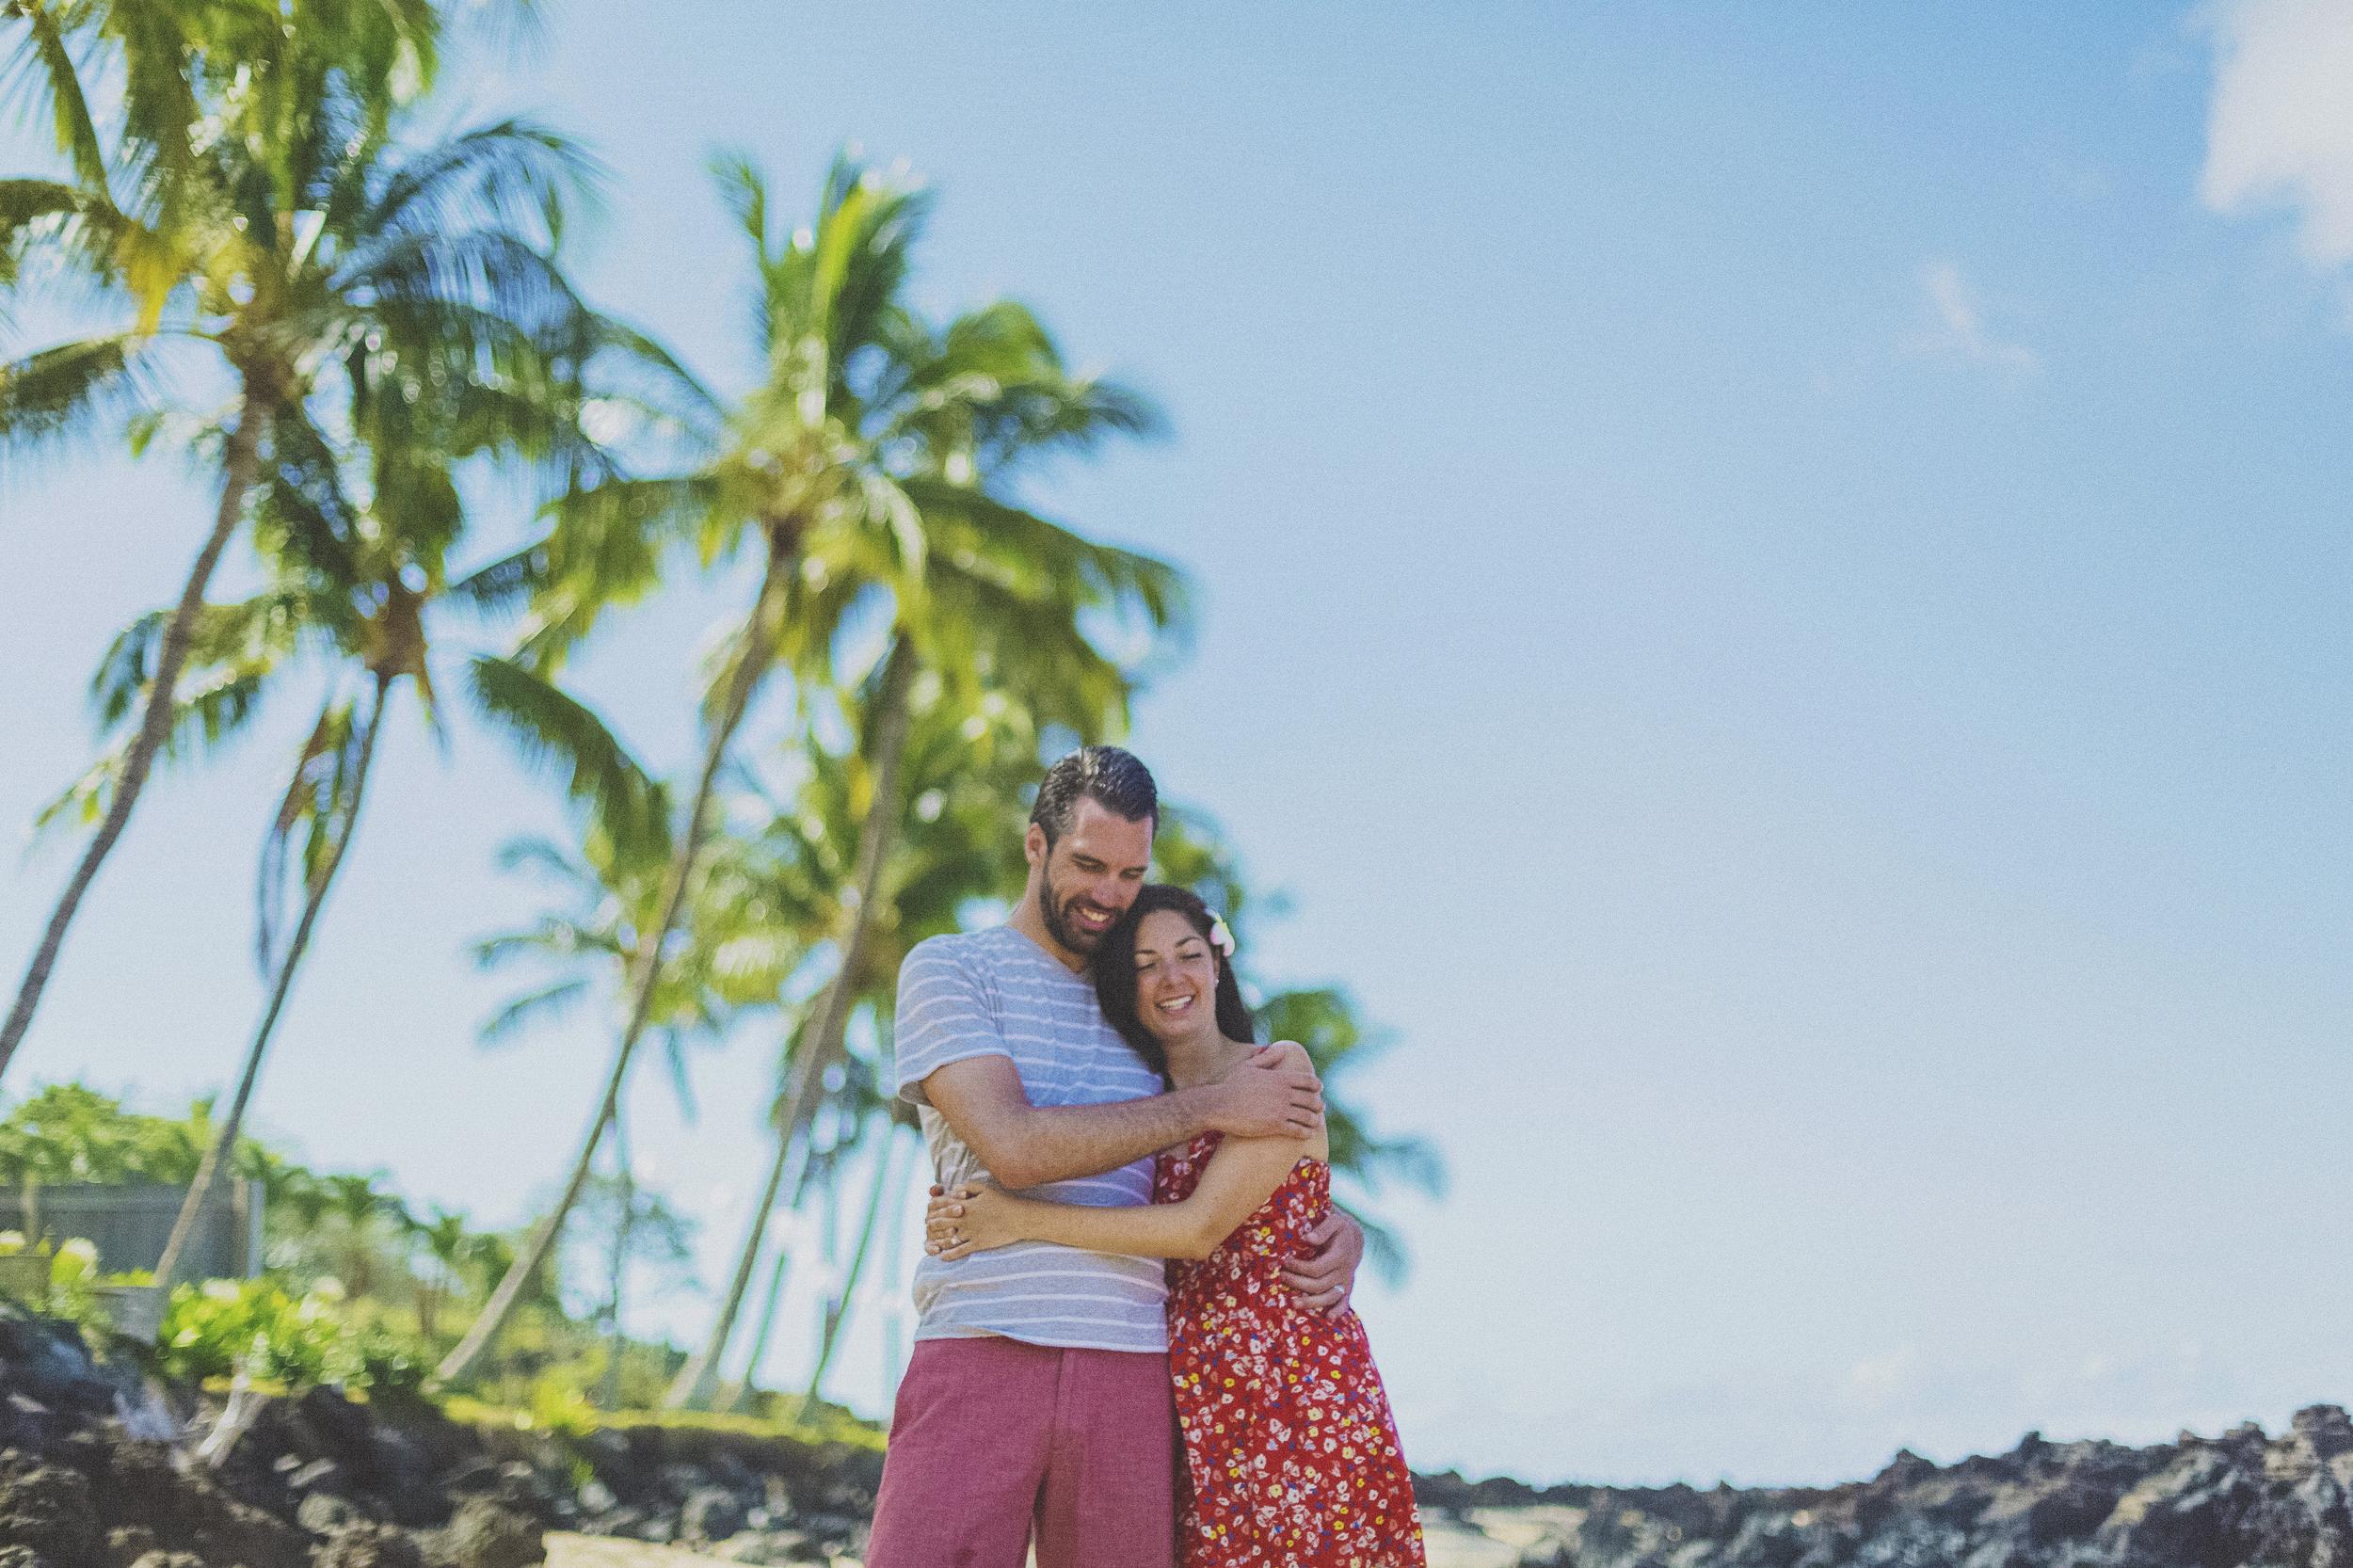 angie-diaz-photography-maui-beach-honeymoon-photographer-2.jpg